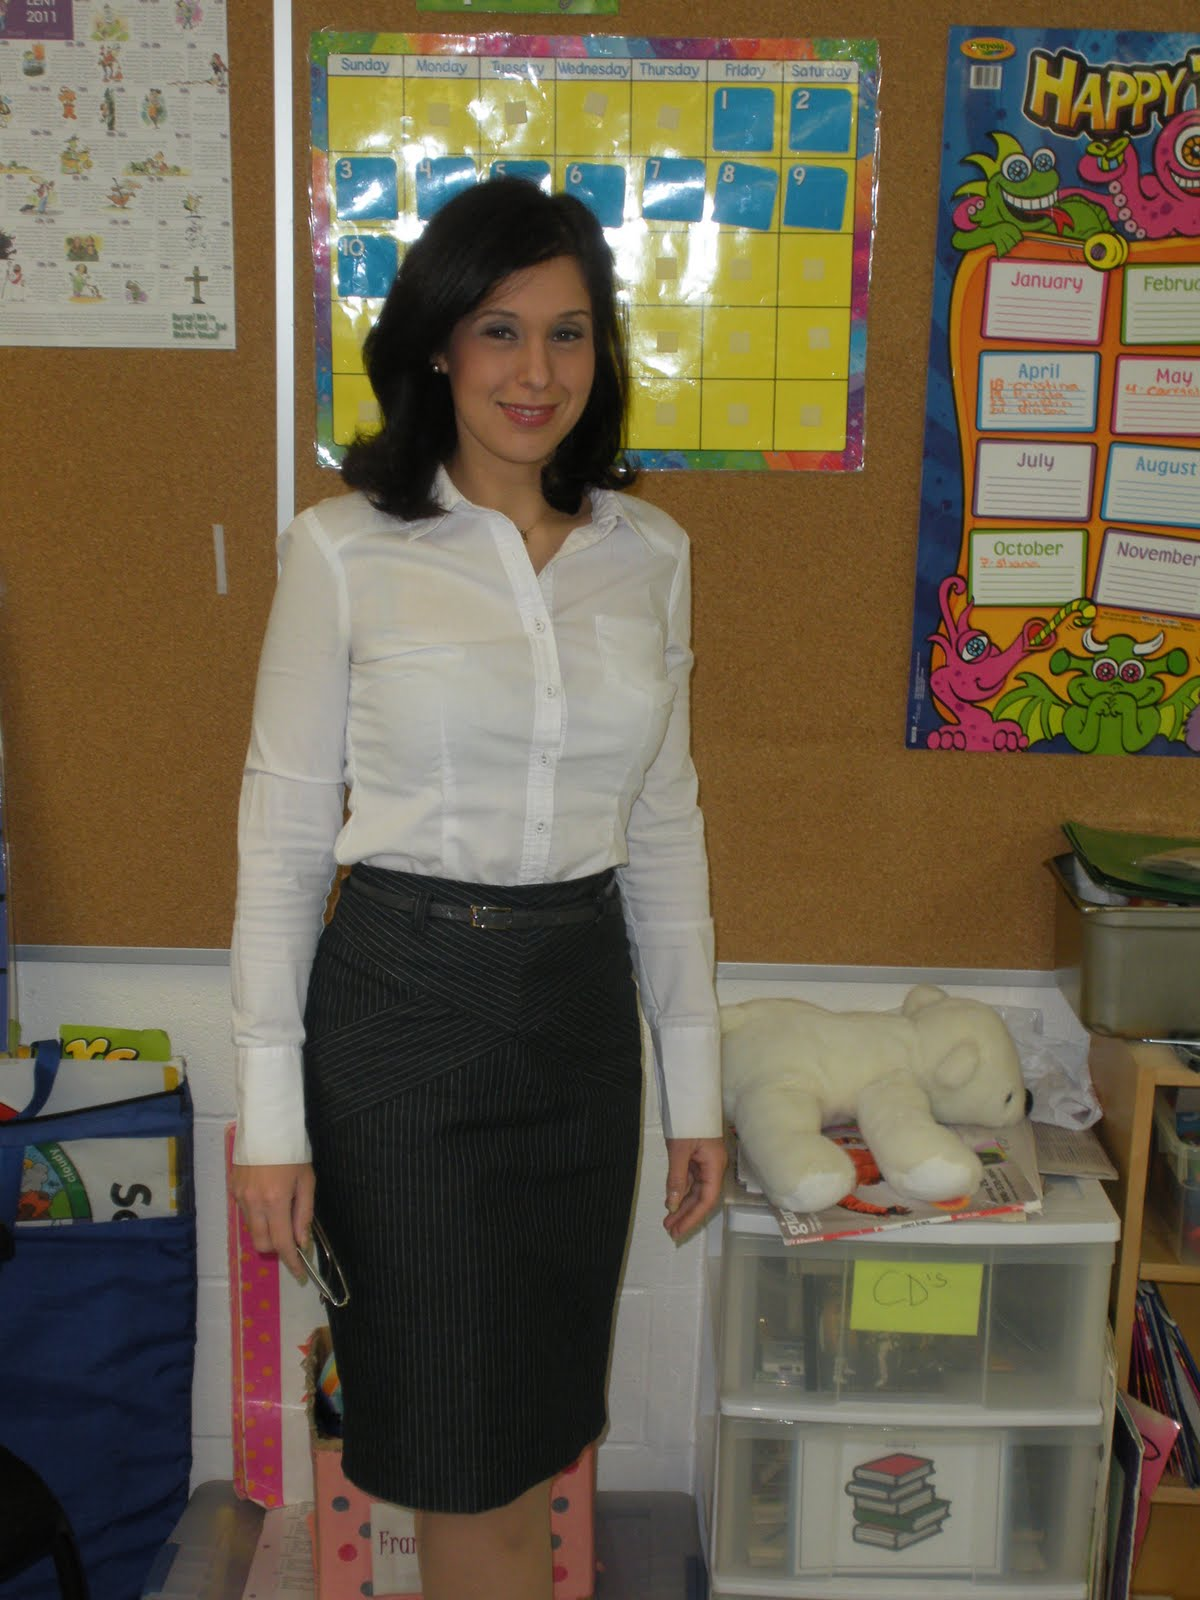 My Teacher Dress